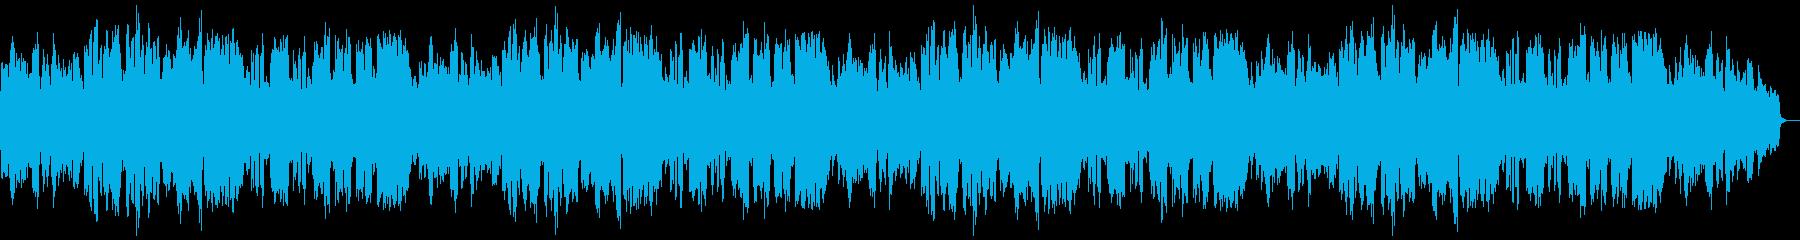 シャフルのリズム、仄々とした可愛い楽曲の再生済みの波形